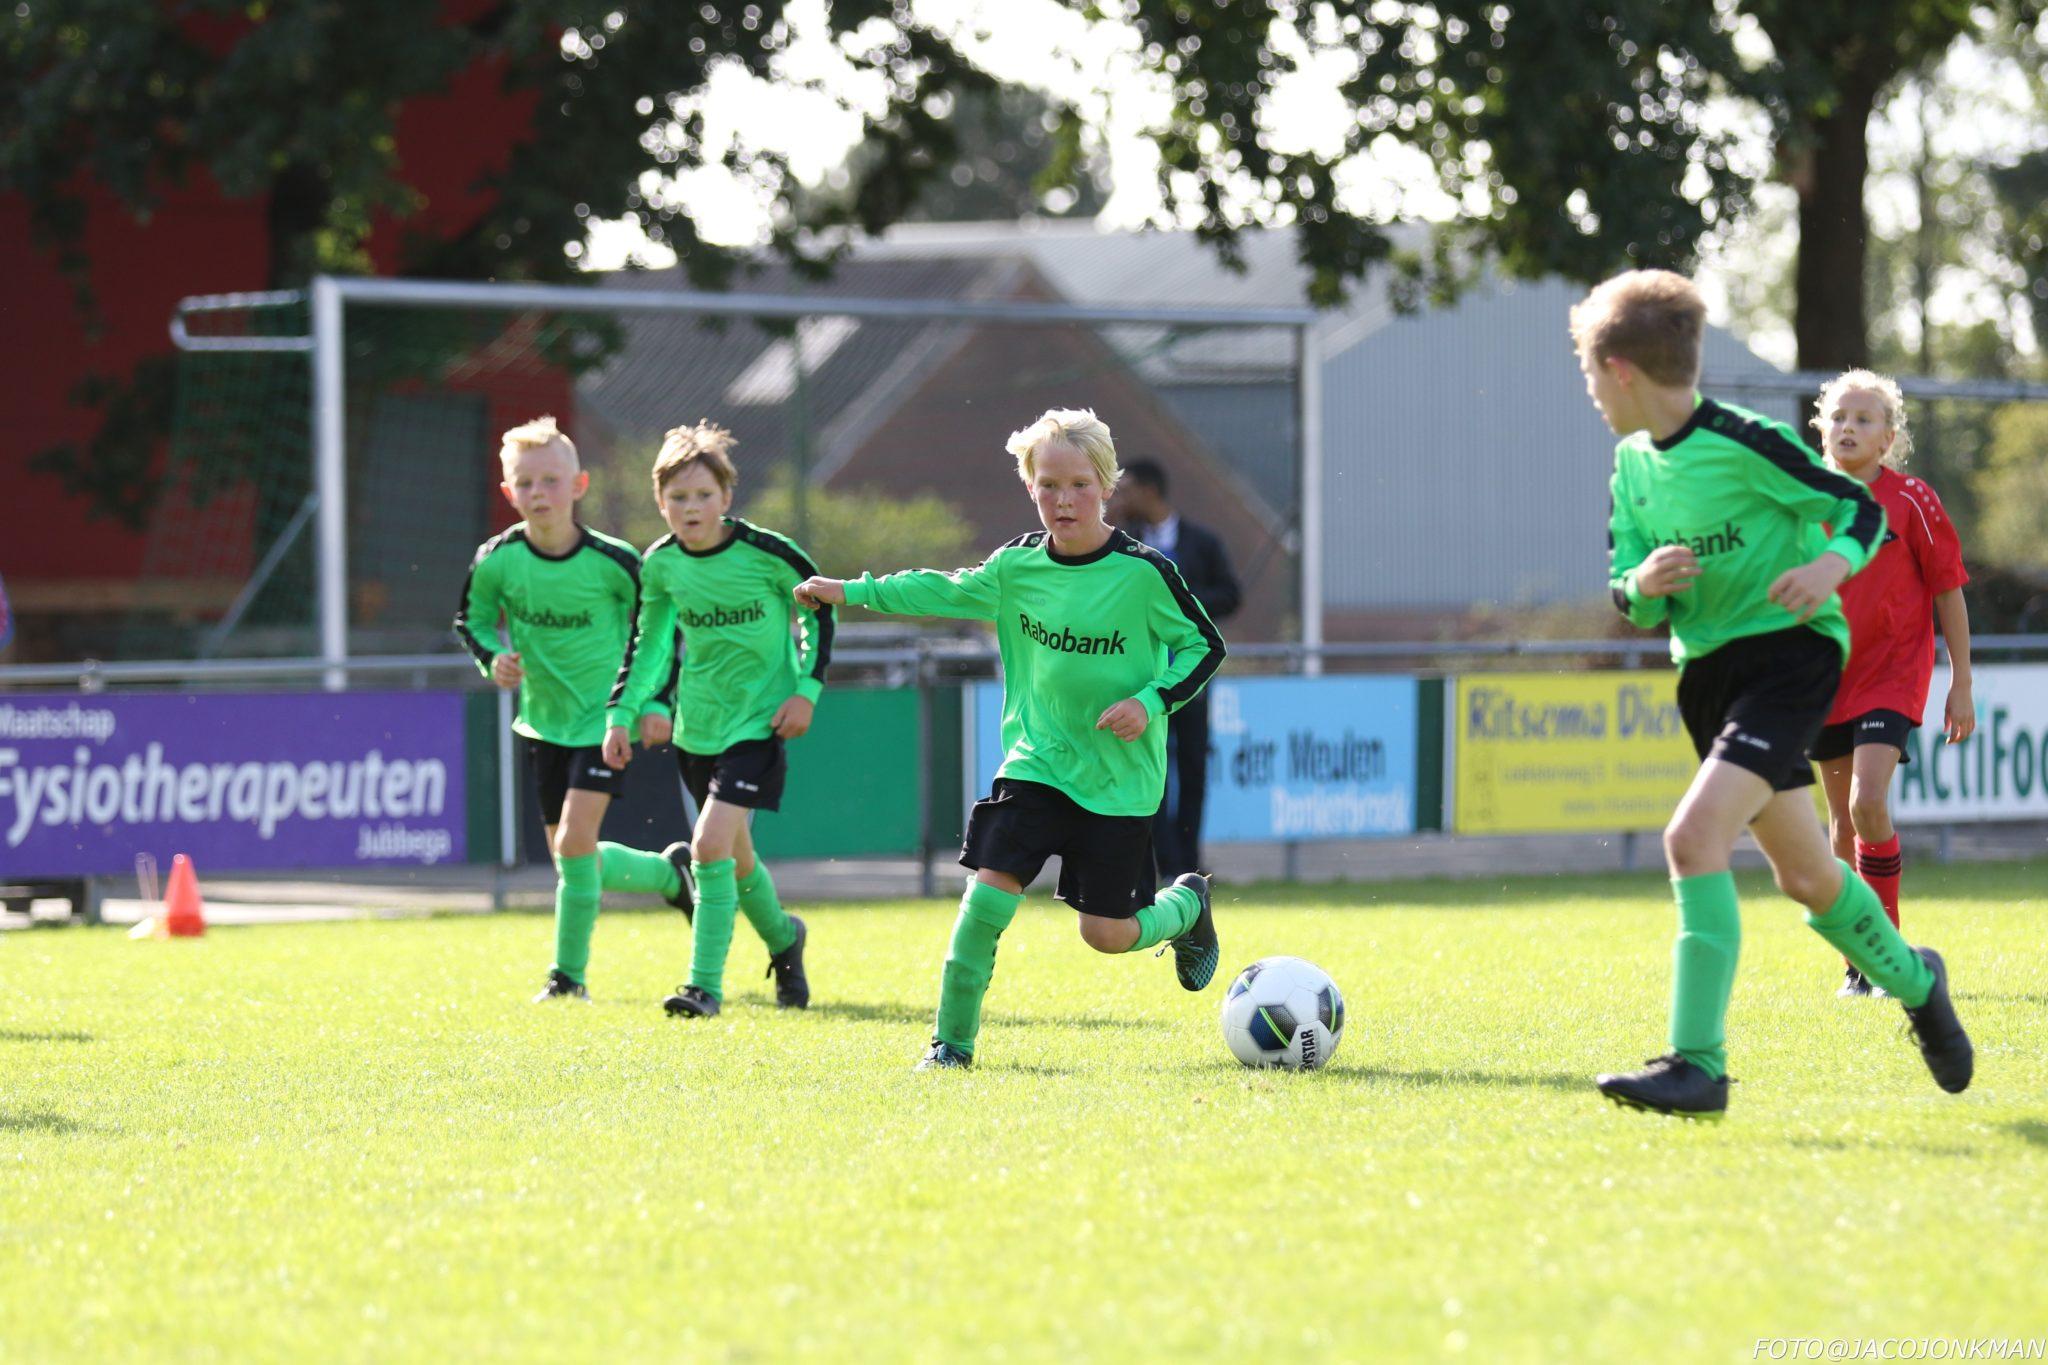 JO10 begint flitsend aan het seizoen met 6-3 overwinning op Donkerbroek